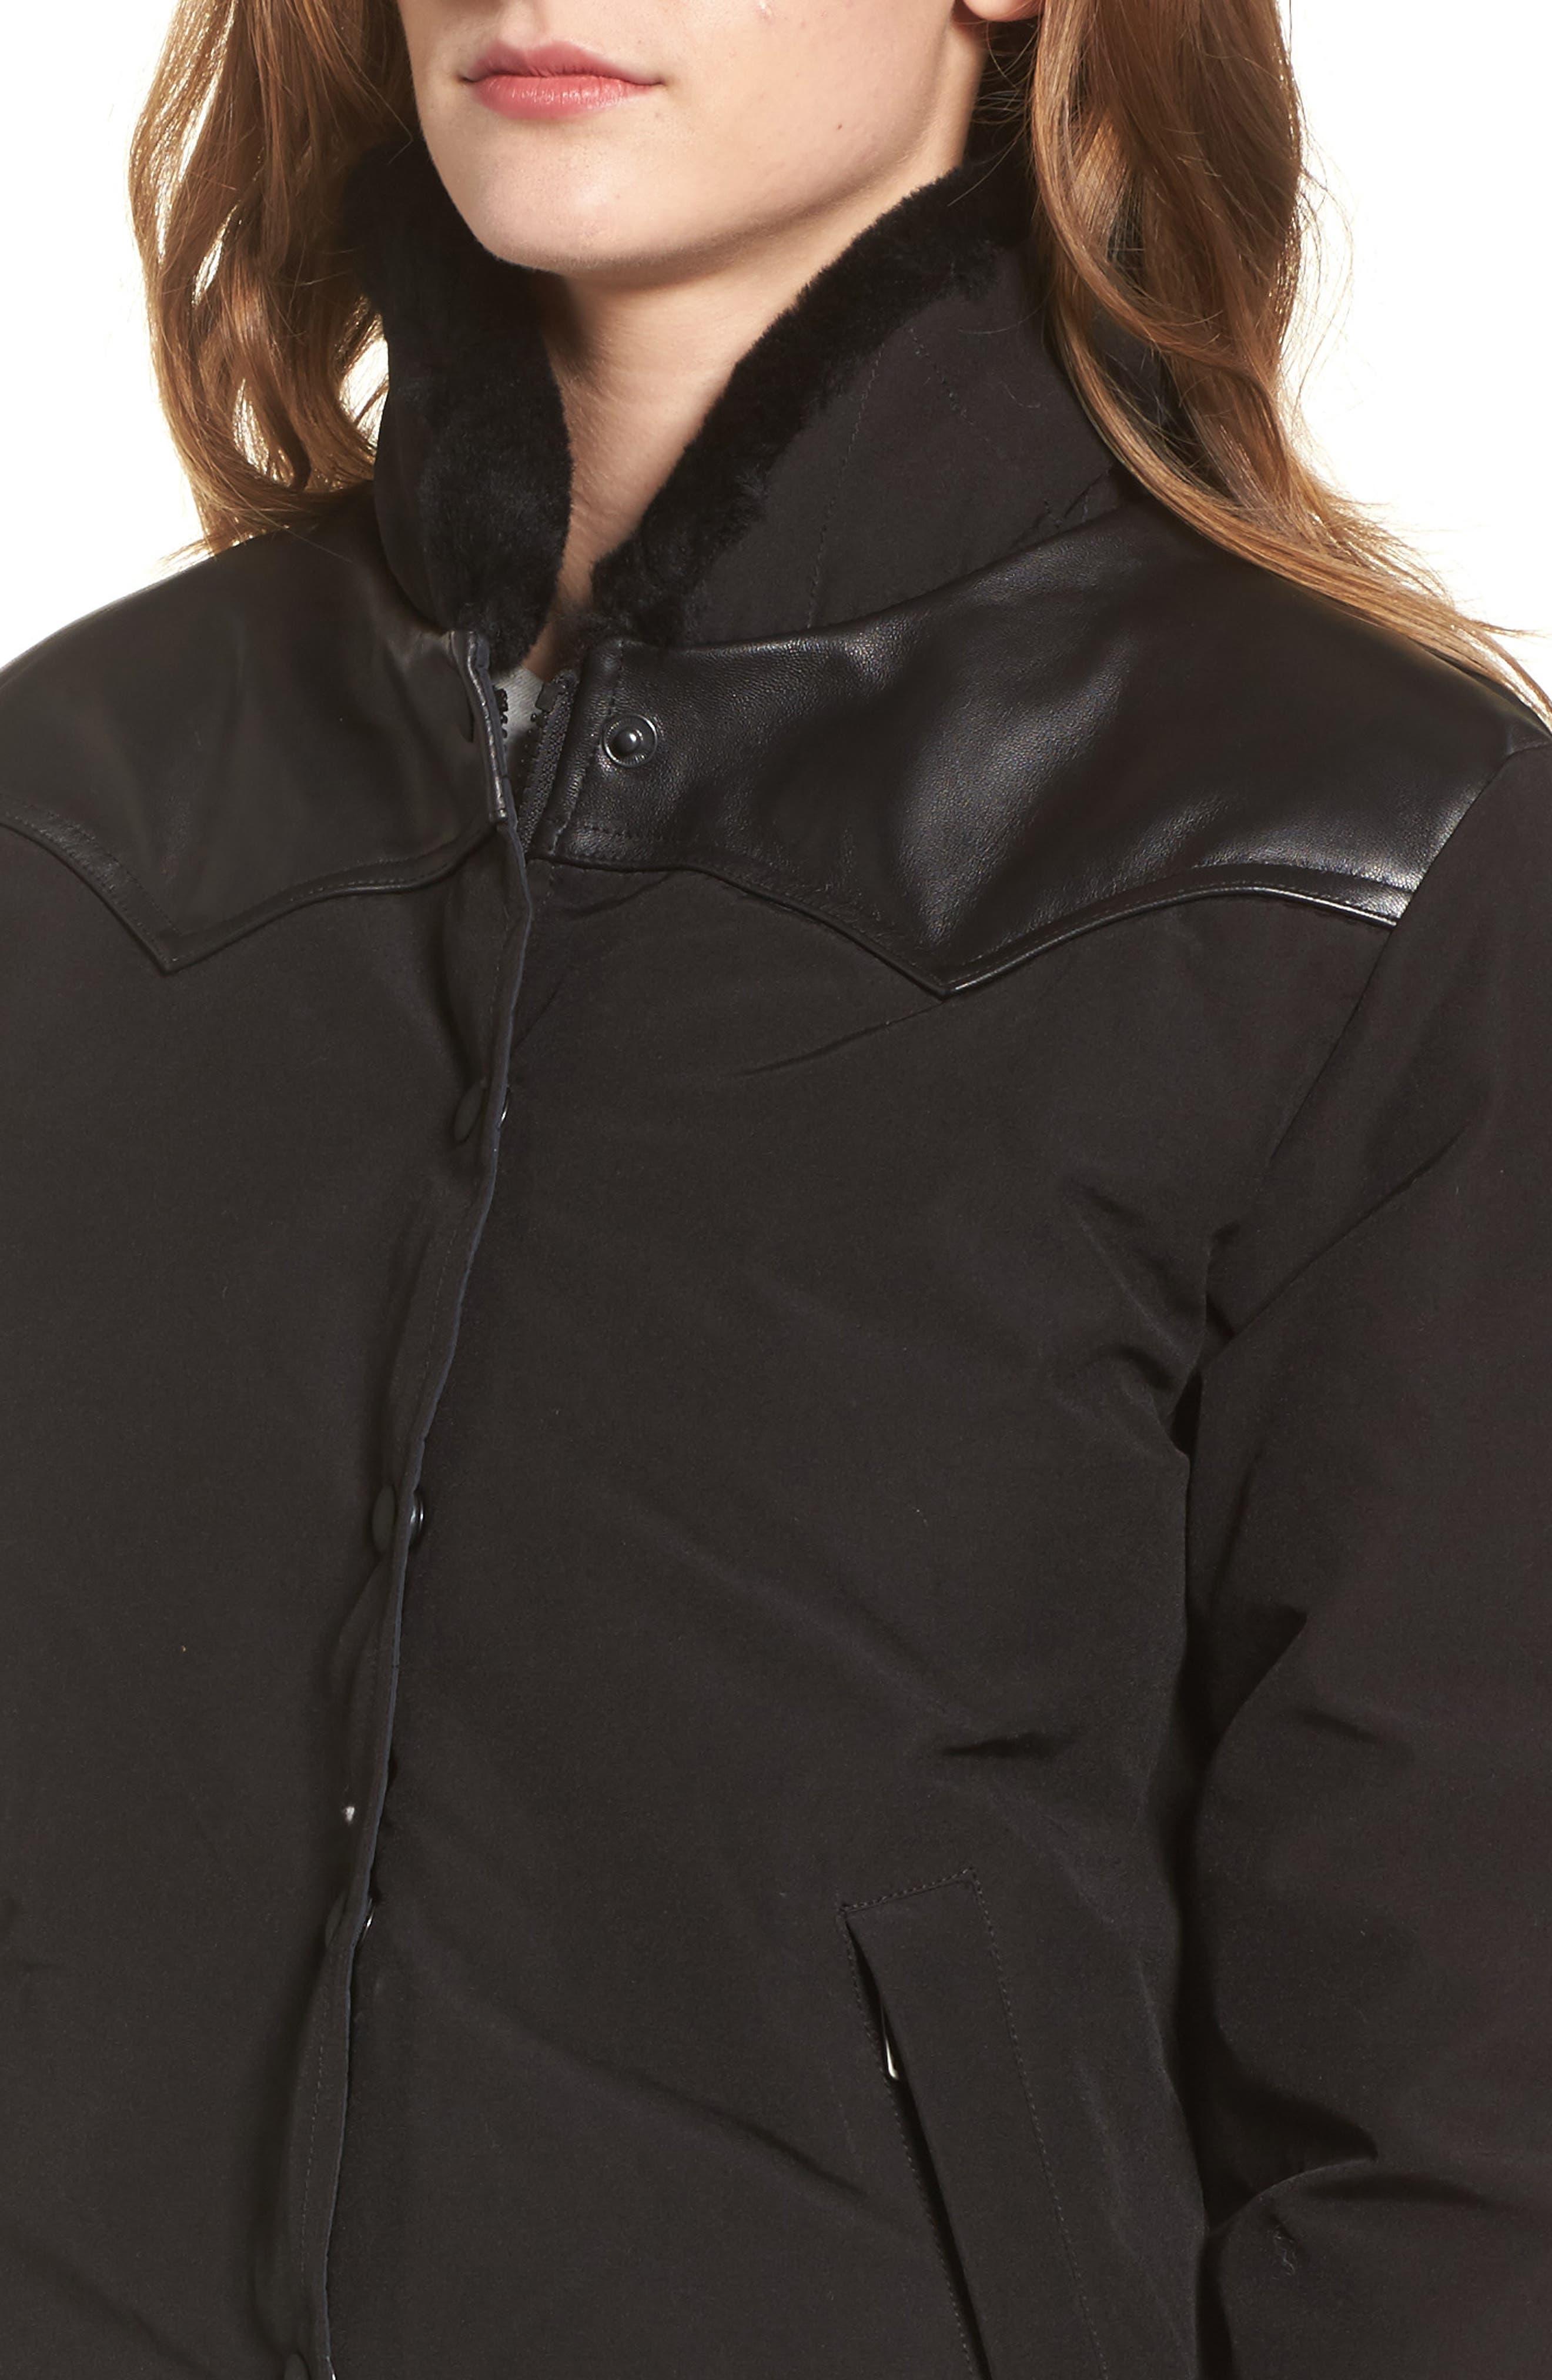 Alternate Image 4  - Penfield Rockwool Down Jacket with Genuine Coyote Fur Trim